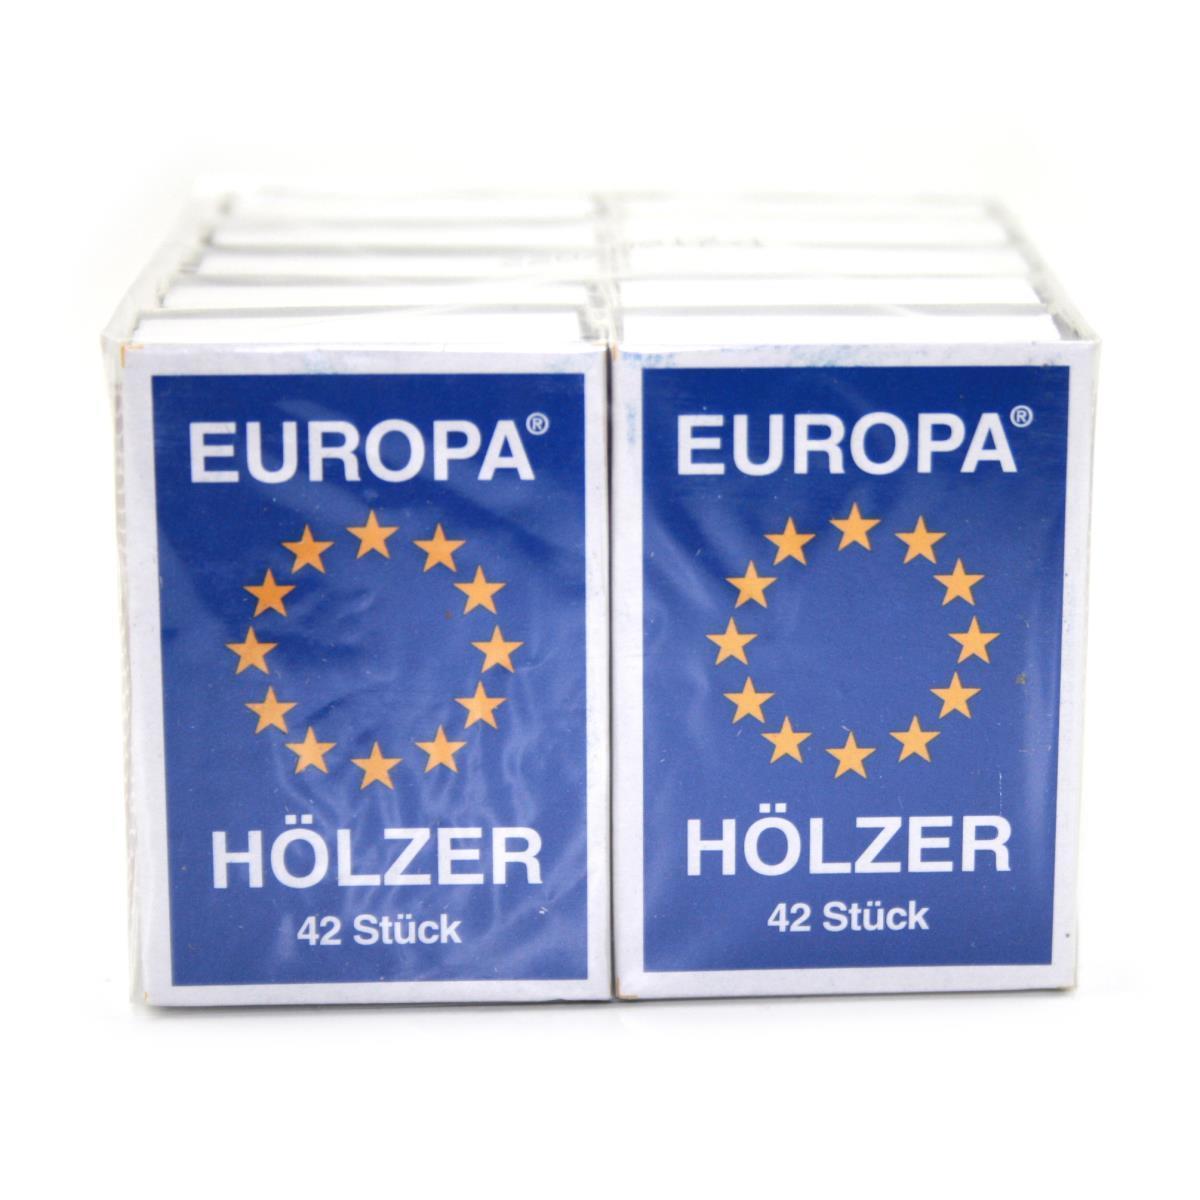 50 Schachteln Europa Streichhölzer, Zündhölzer, Zündholzschachtel,KM Zündholz International,4004753000504, 0758198329617